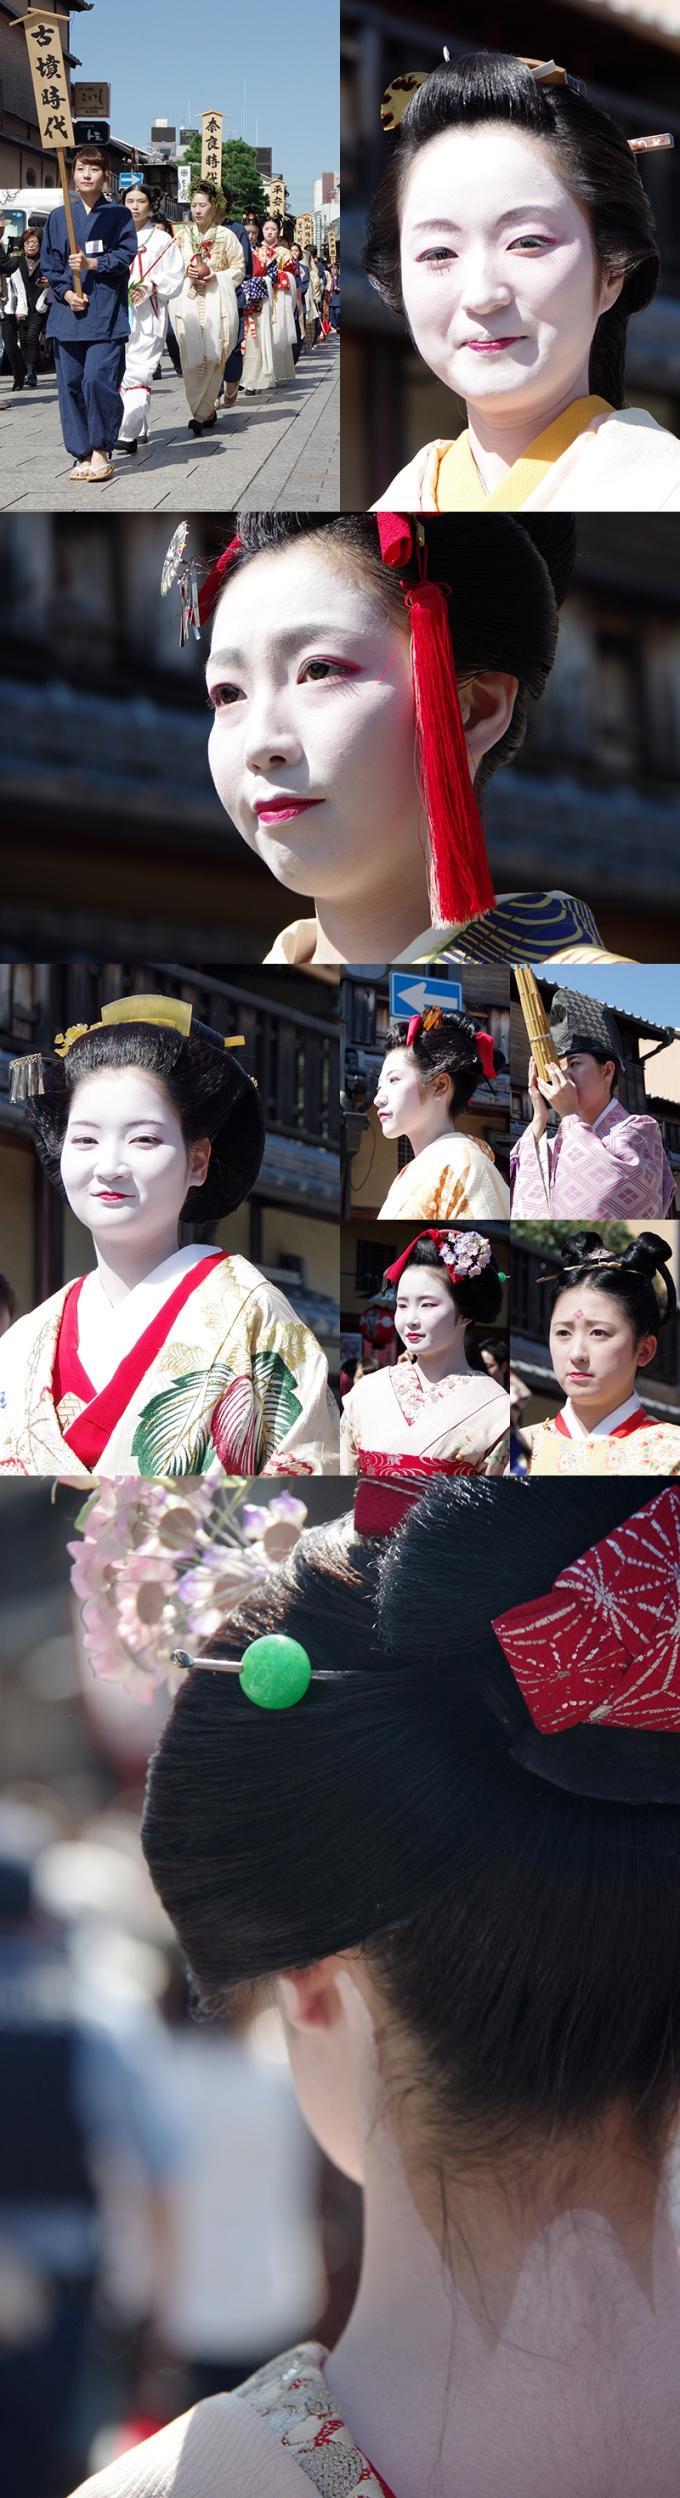 WP_kushimatsuri2015tapis5